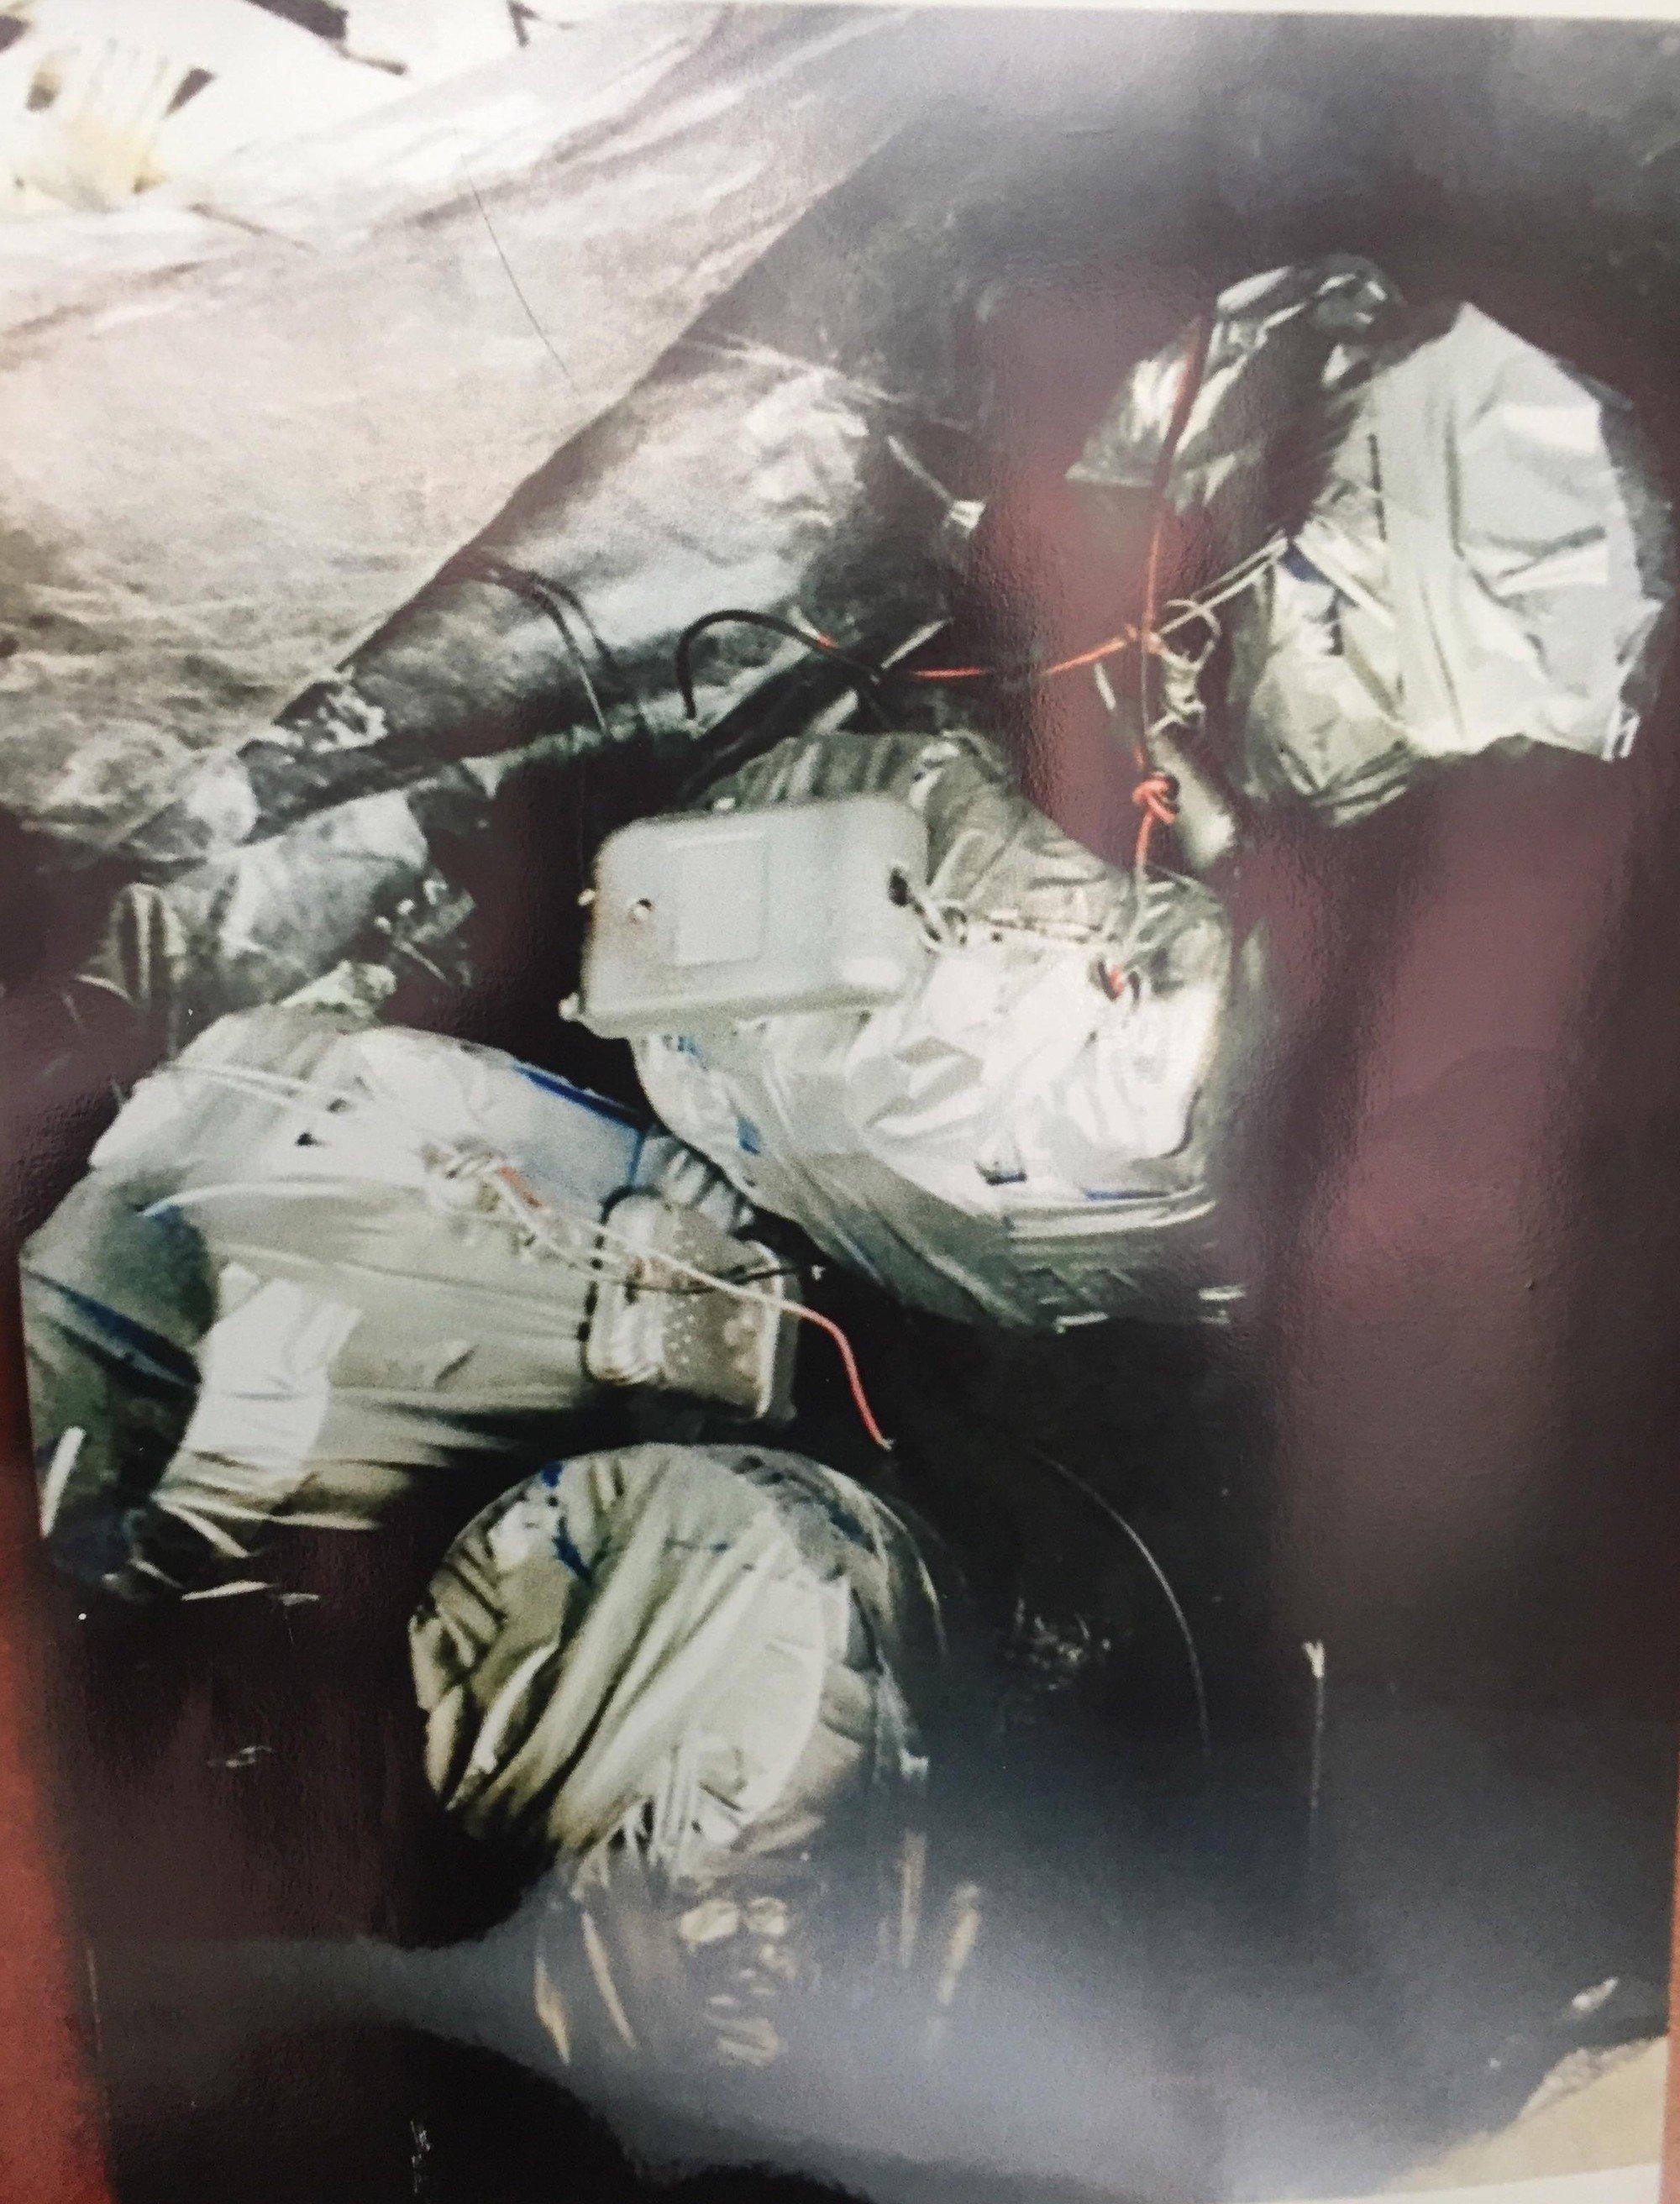 [ẢNH] 10kg thuốc nổ trong nhà của kẻ ném bom vào trụ sở công an phường 14